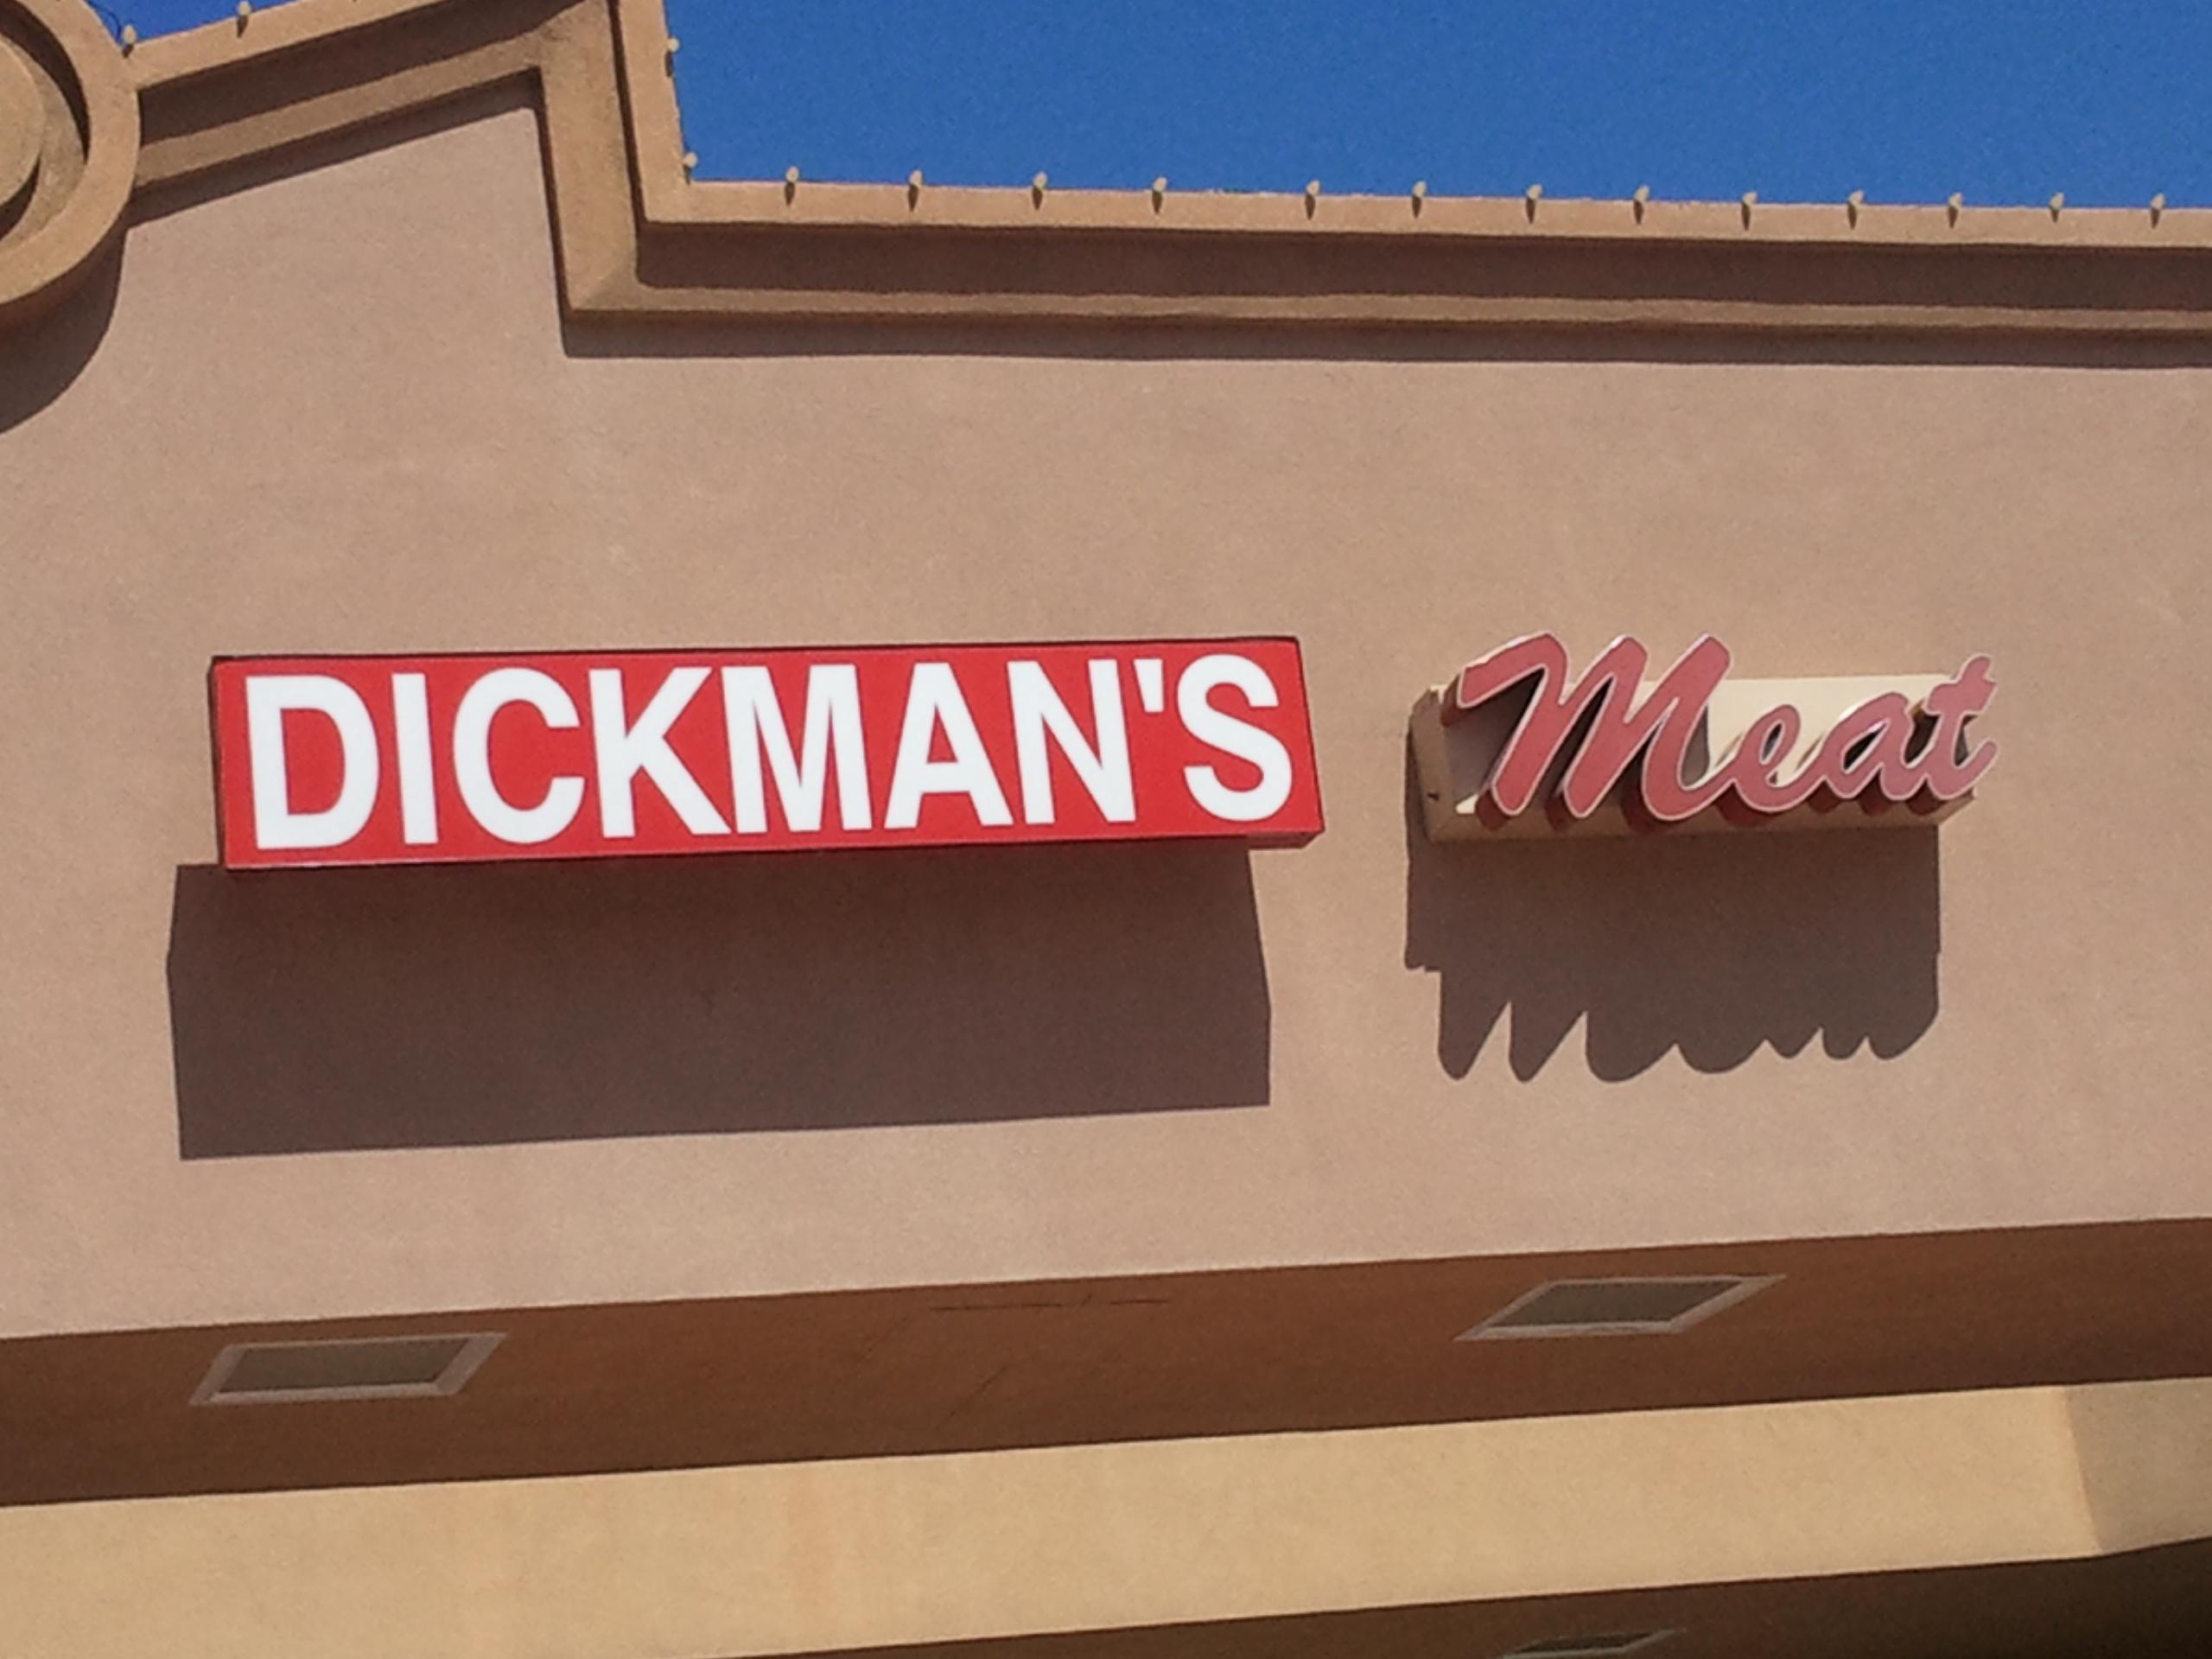 DICKMAN'S Meat